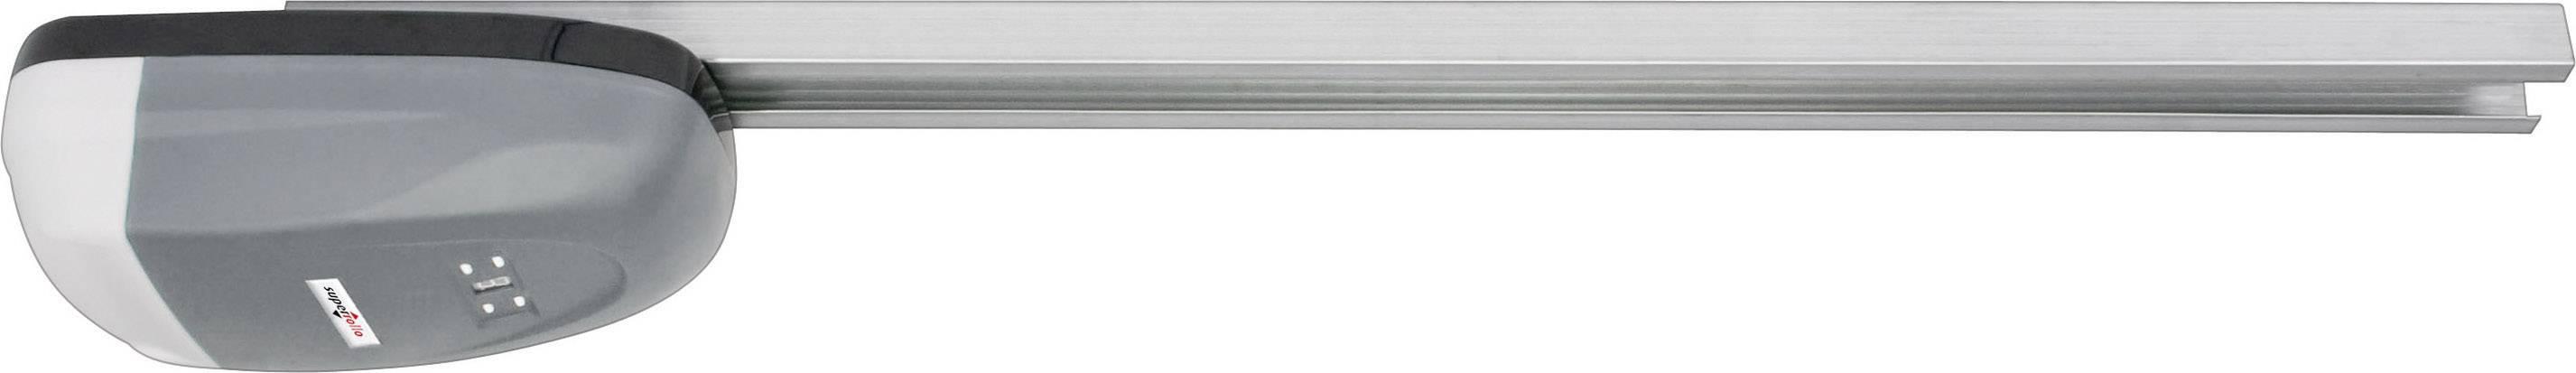 Garážový pohon s diaľk. ovládačom Superrollo Professional TA50 SR40050, max. 50 kg